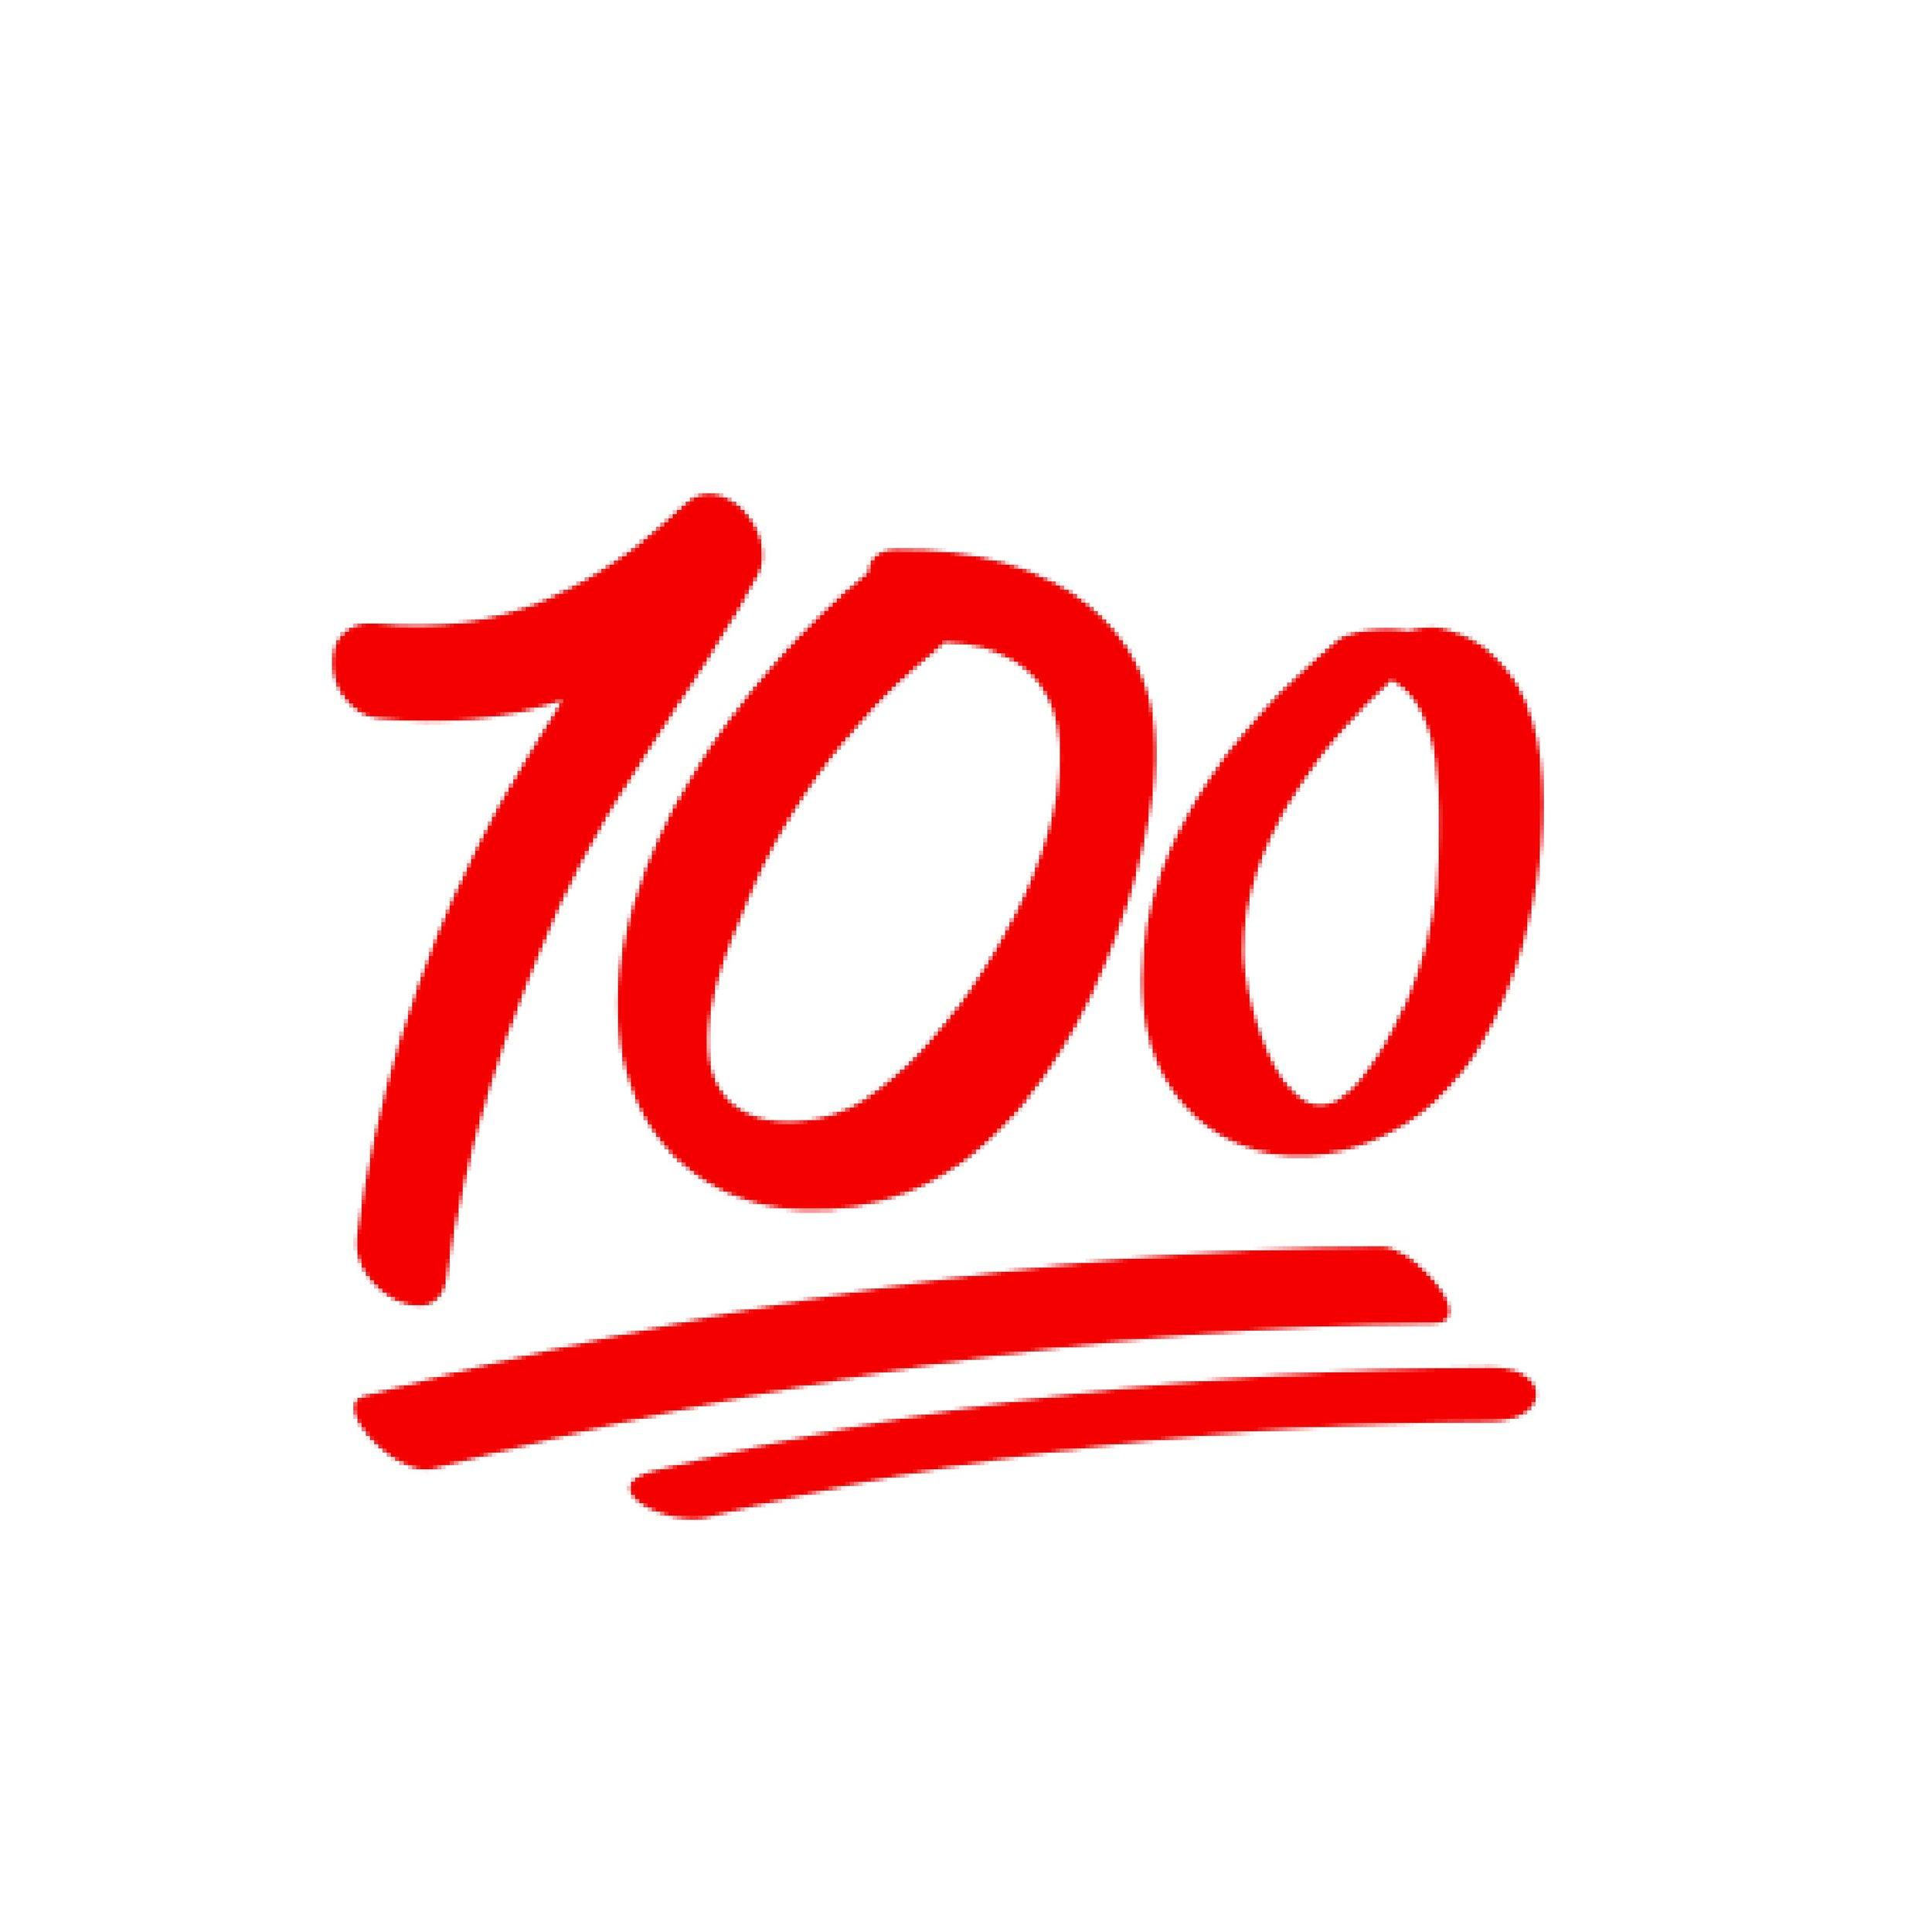 100-04.jpg